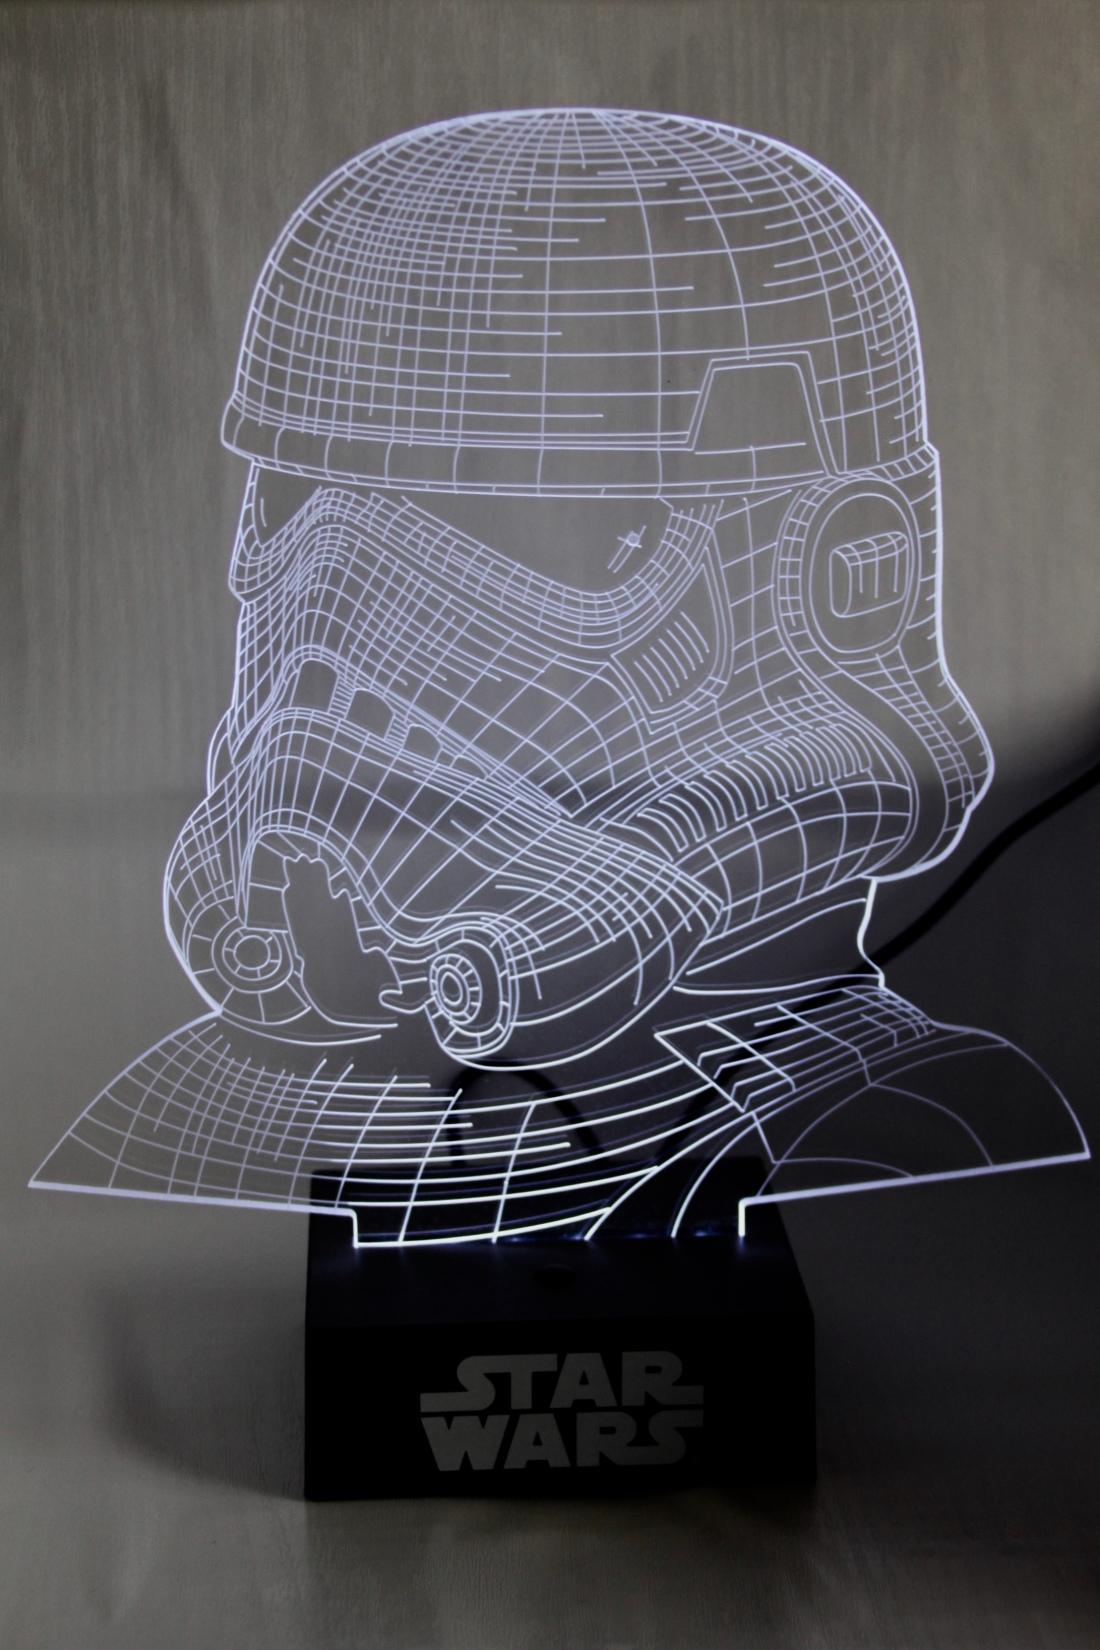 Stormtrooper 3D lamp by Jez Braithwaite